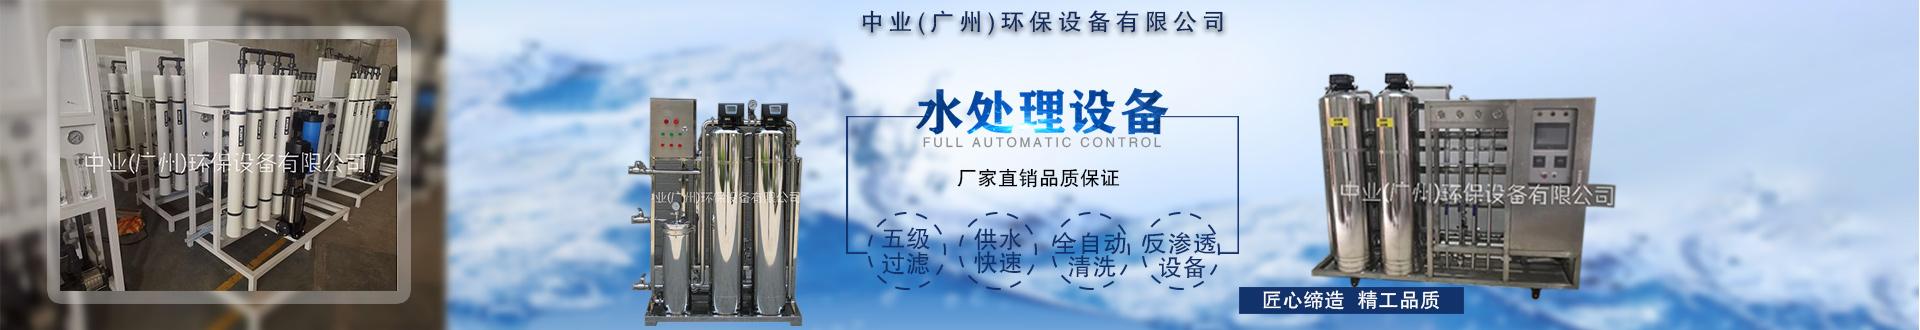 中业(广州)环保设备有限公司